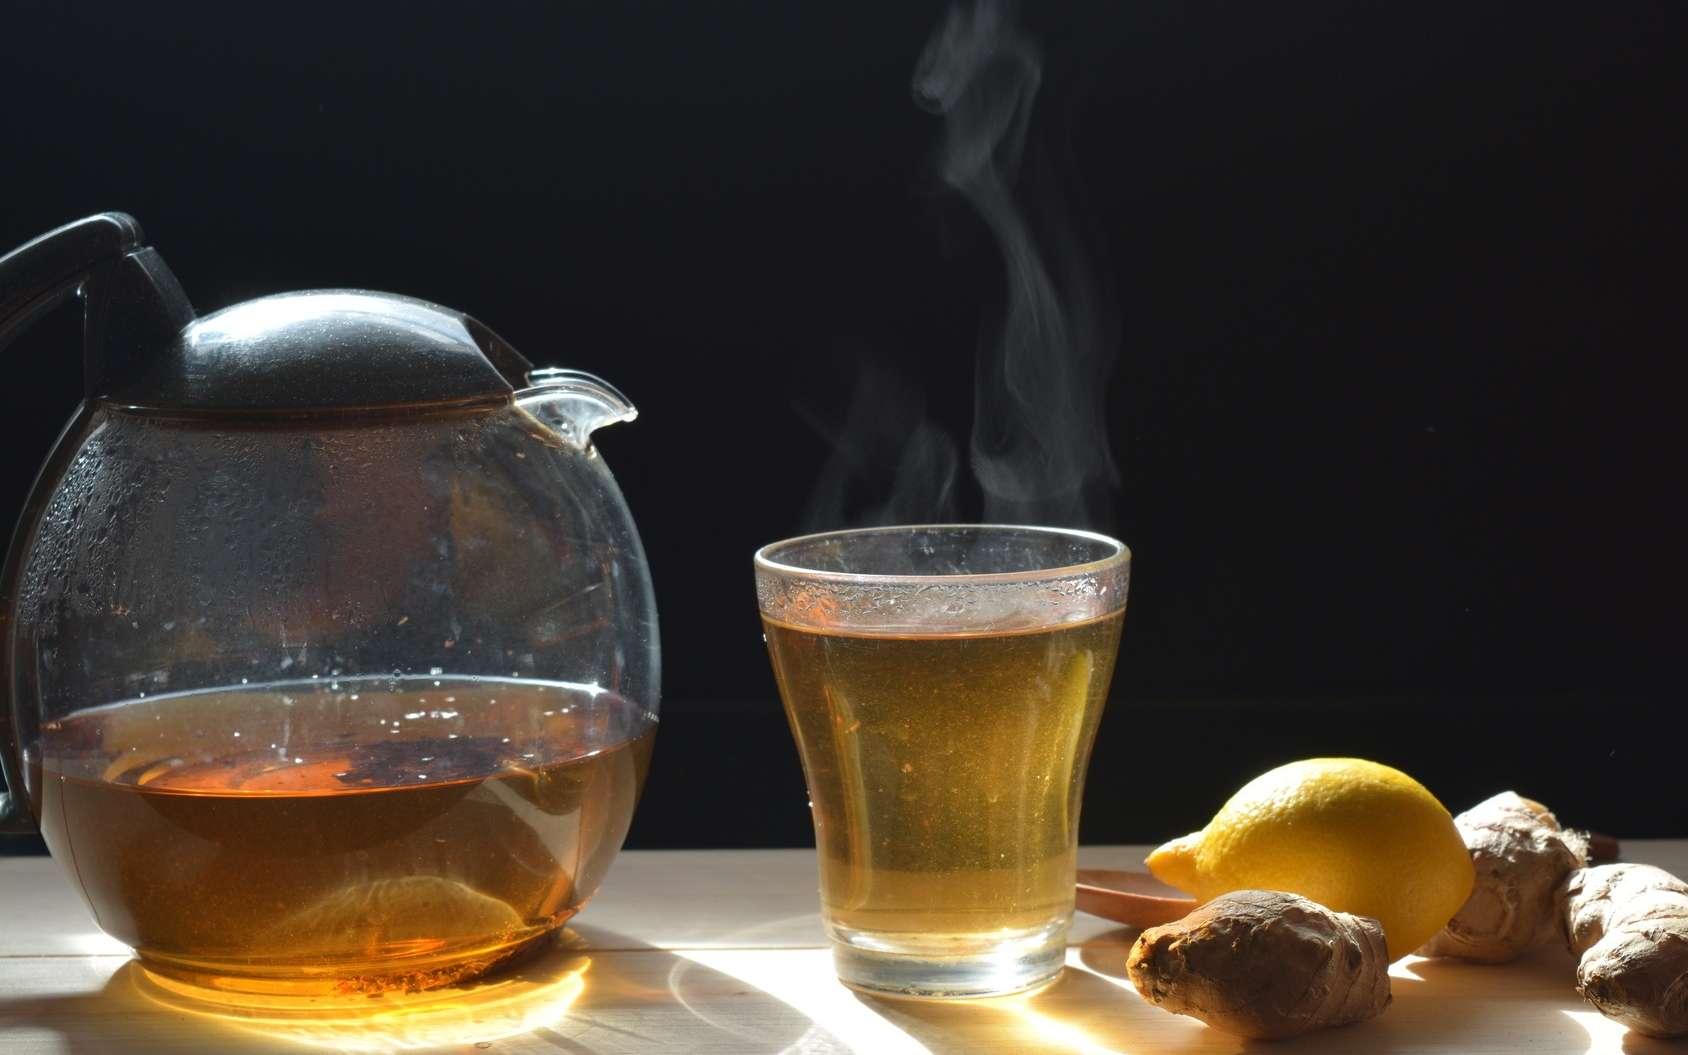 Boire trop chaud augmenterait le risque de cancer de l'œsophage. © Yadag, Fotolia